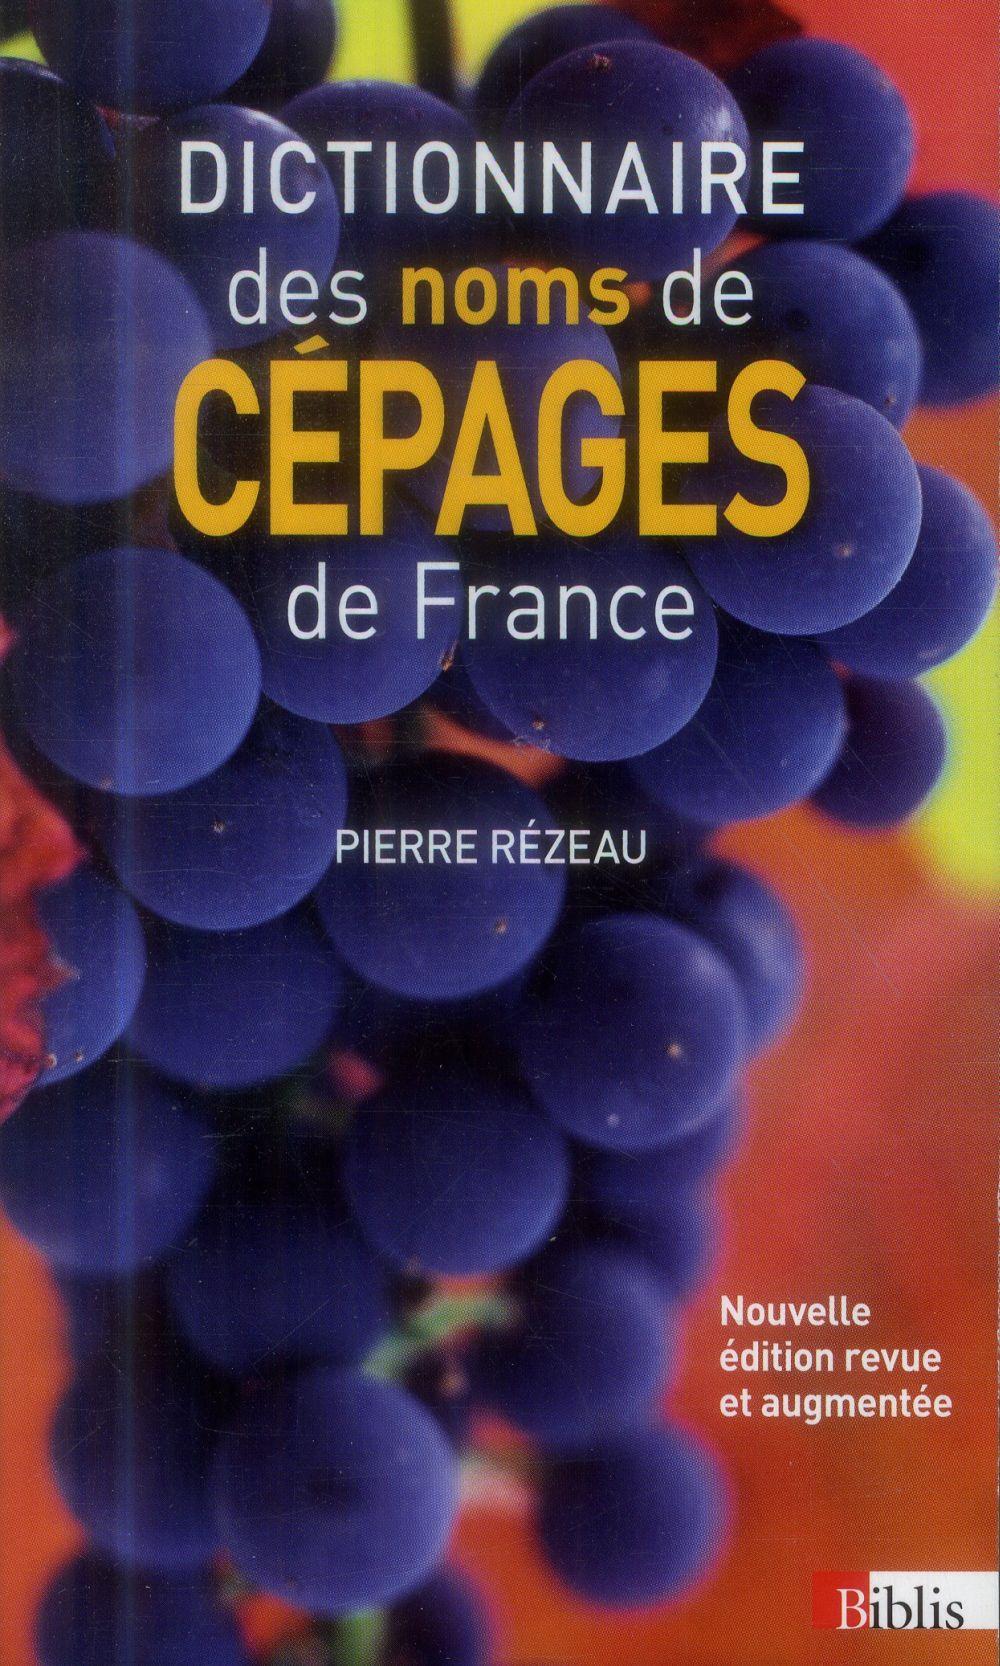 DICTIONNAIRE DES NOMS DE CEPAGES DE FRANCE